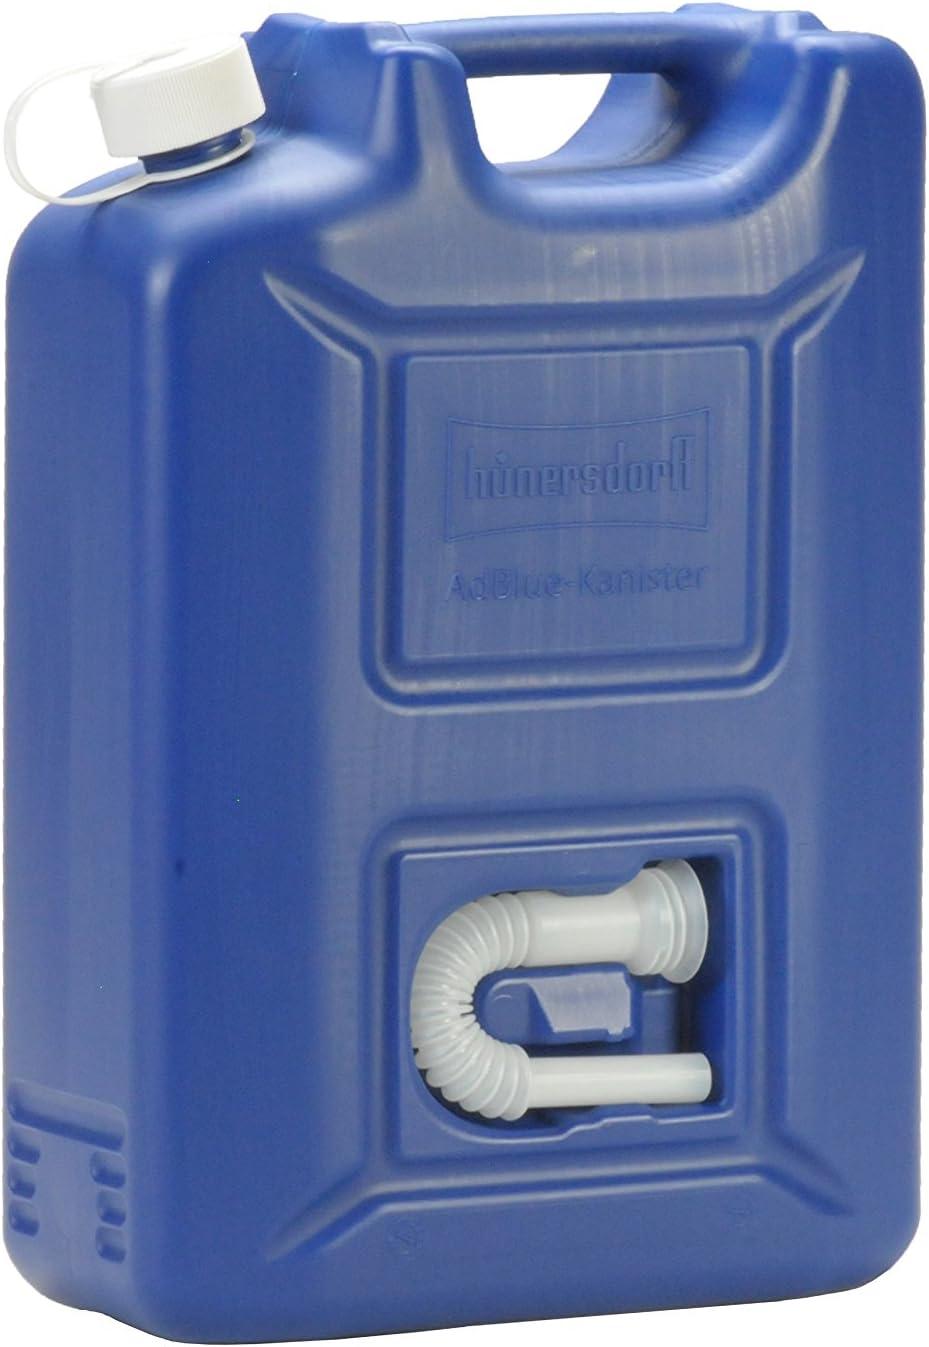 Hünersdorff Adblue Kanister 20 L Ideal Zur Betankung An Adblue Pkw Zapfsäulen Mehrwegkanister Mit Auslaufrohr Passt In Adblue Tankstutzen Unbefüllt Auto